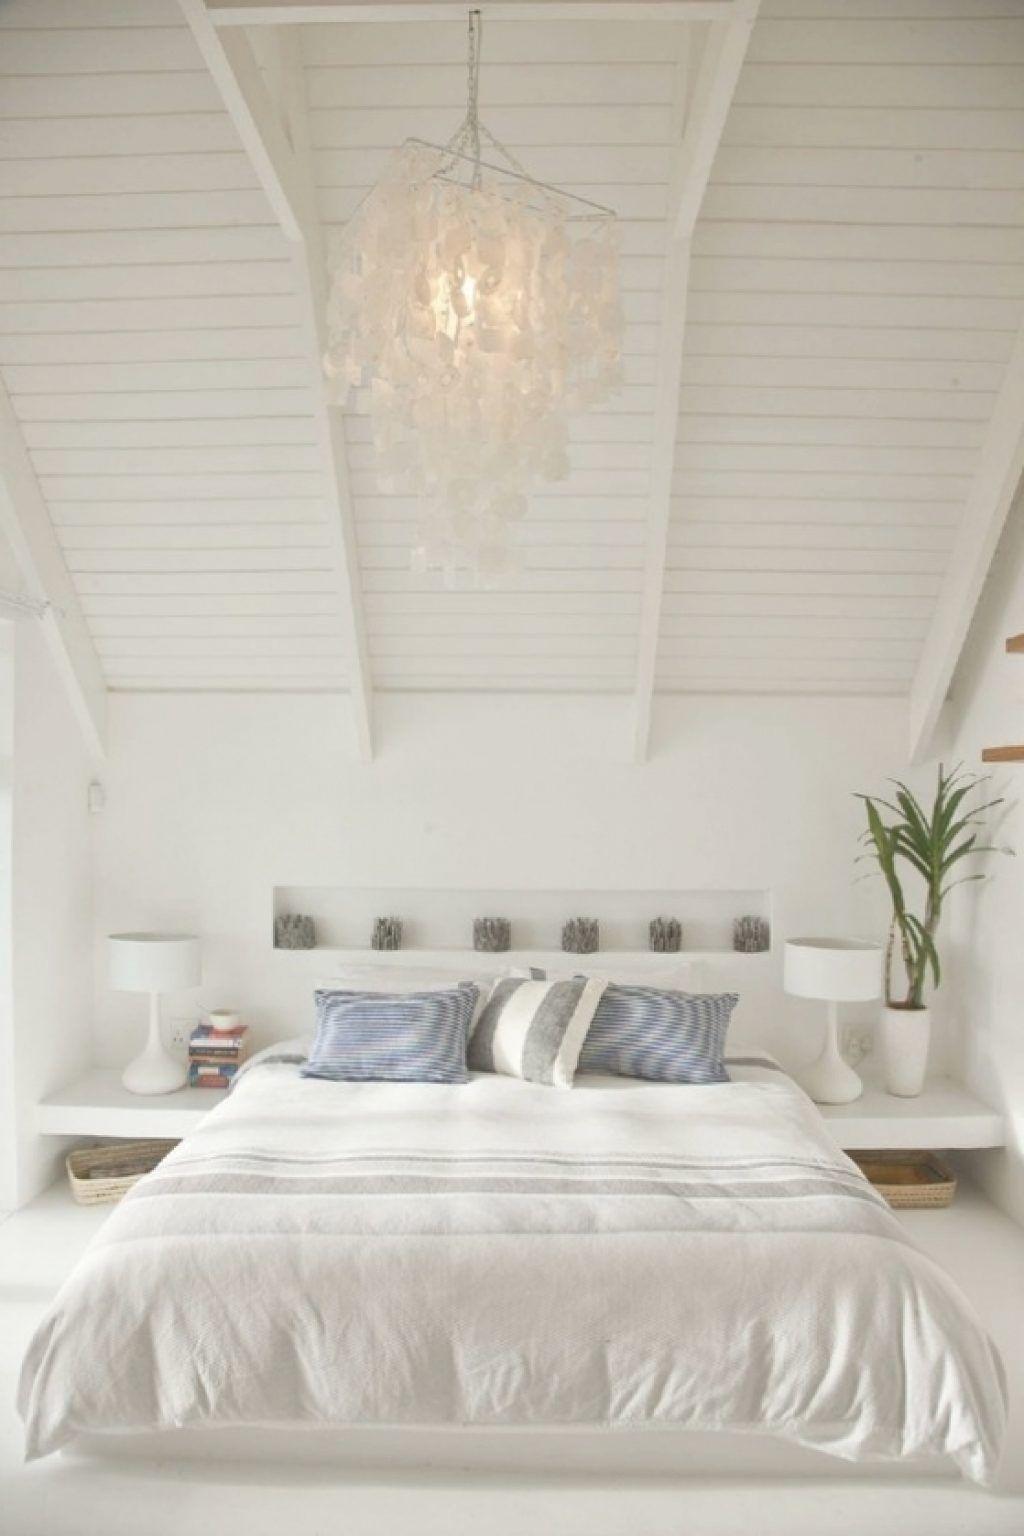 slaapkamer beach look met behang slaapkamer decoratie slaapkamer ideeen